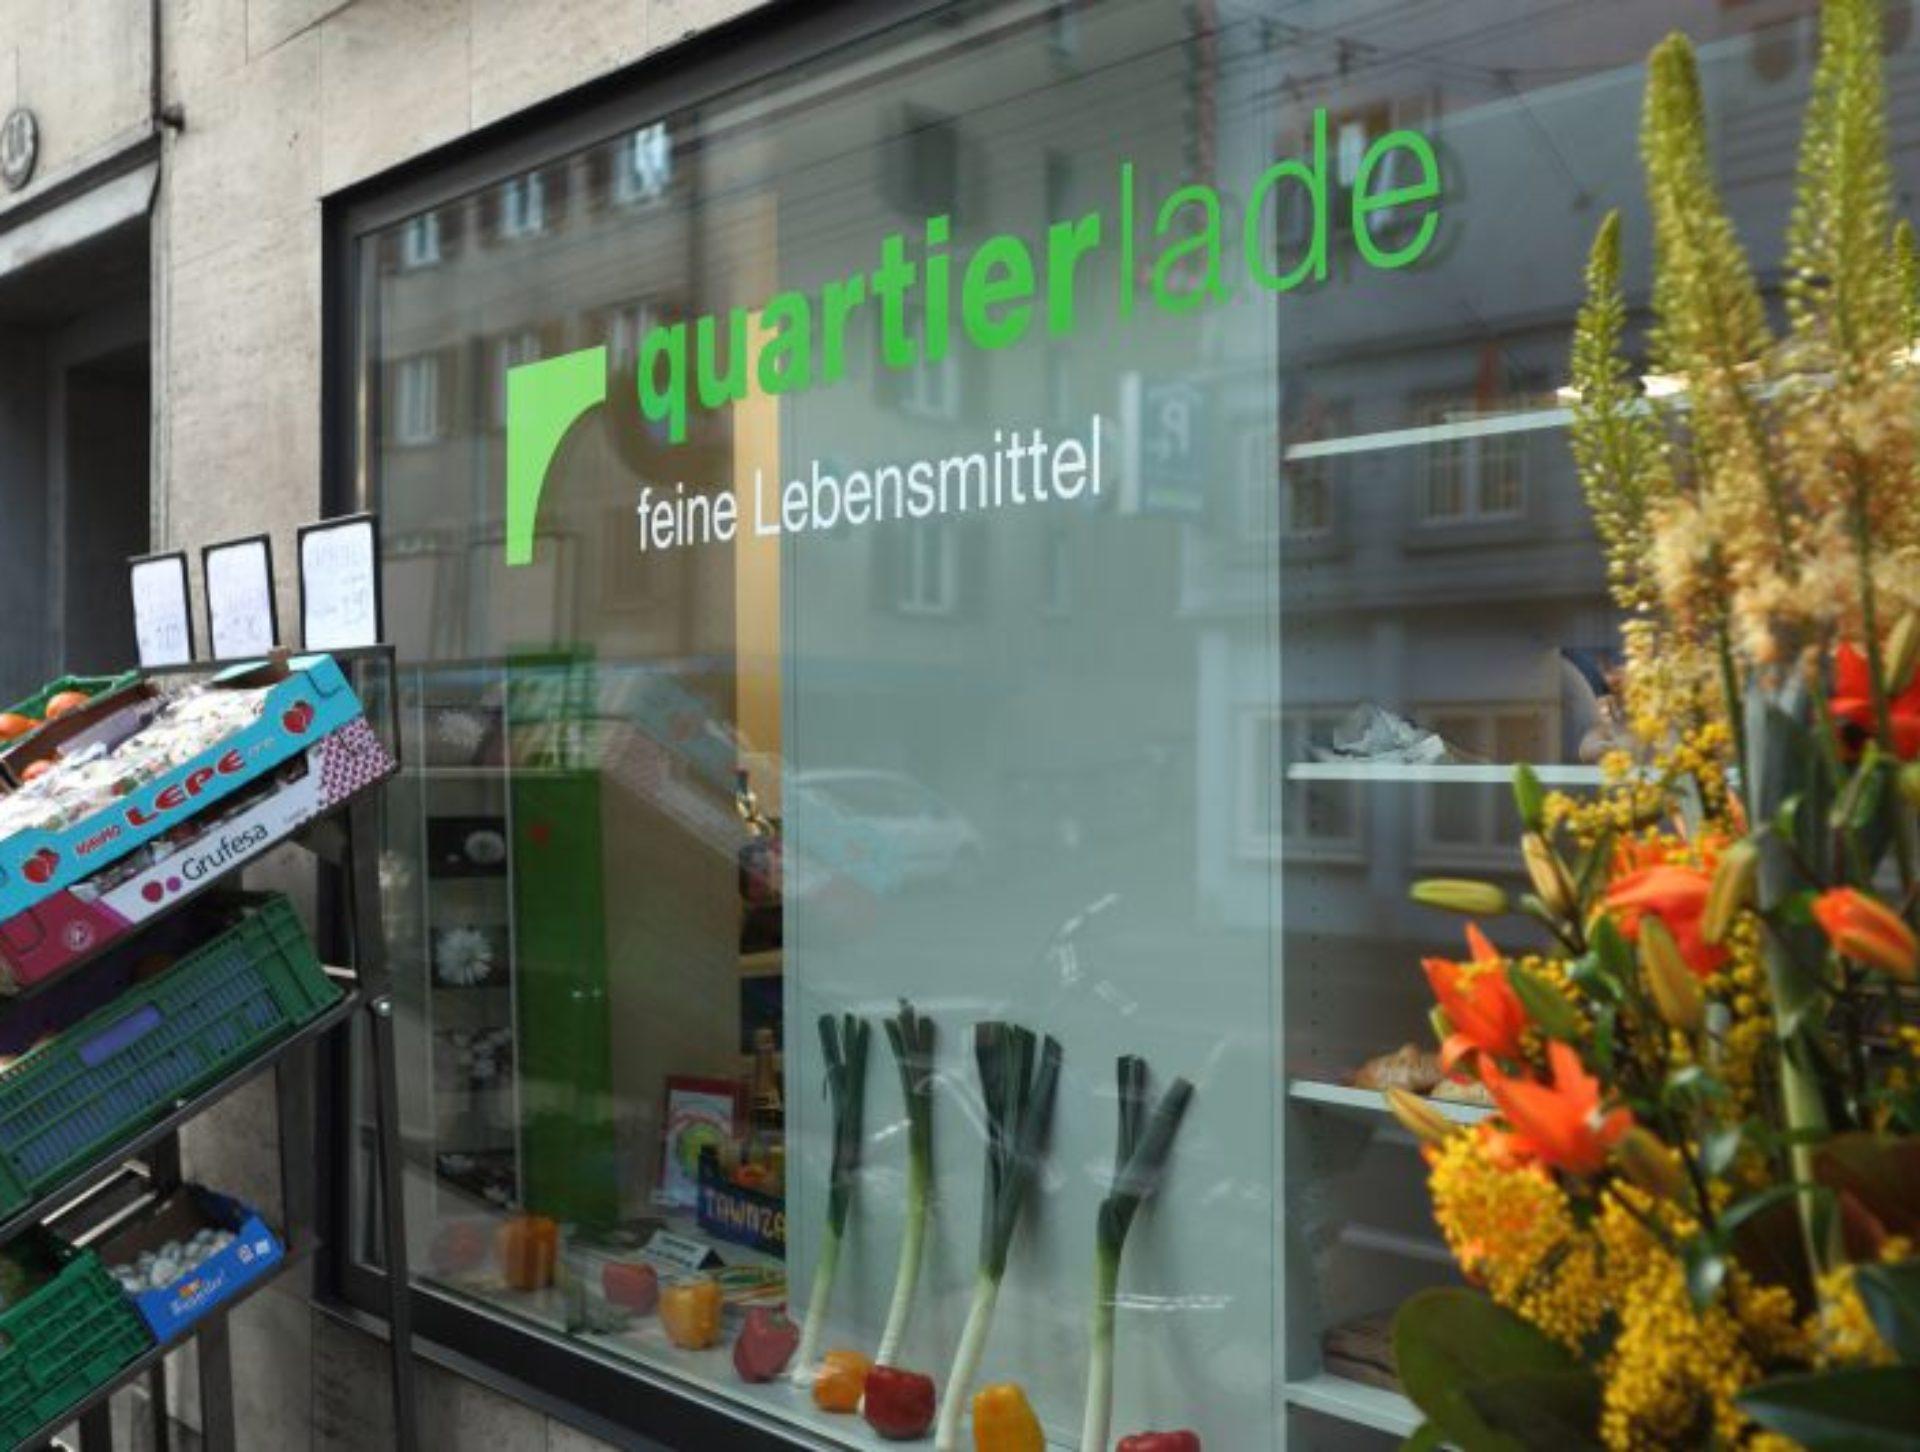 2012 Quartierlade Baselstrasse. Die Wärchbrogg übernimmt am 1. März den Lebensmittelladen vom Verein Quartierlädeli an der Baselstrasse. Sie schafft im Quartierlade weitere Stellen für beeinträchtigte Menschen.